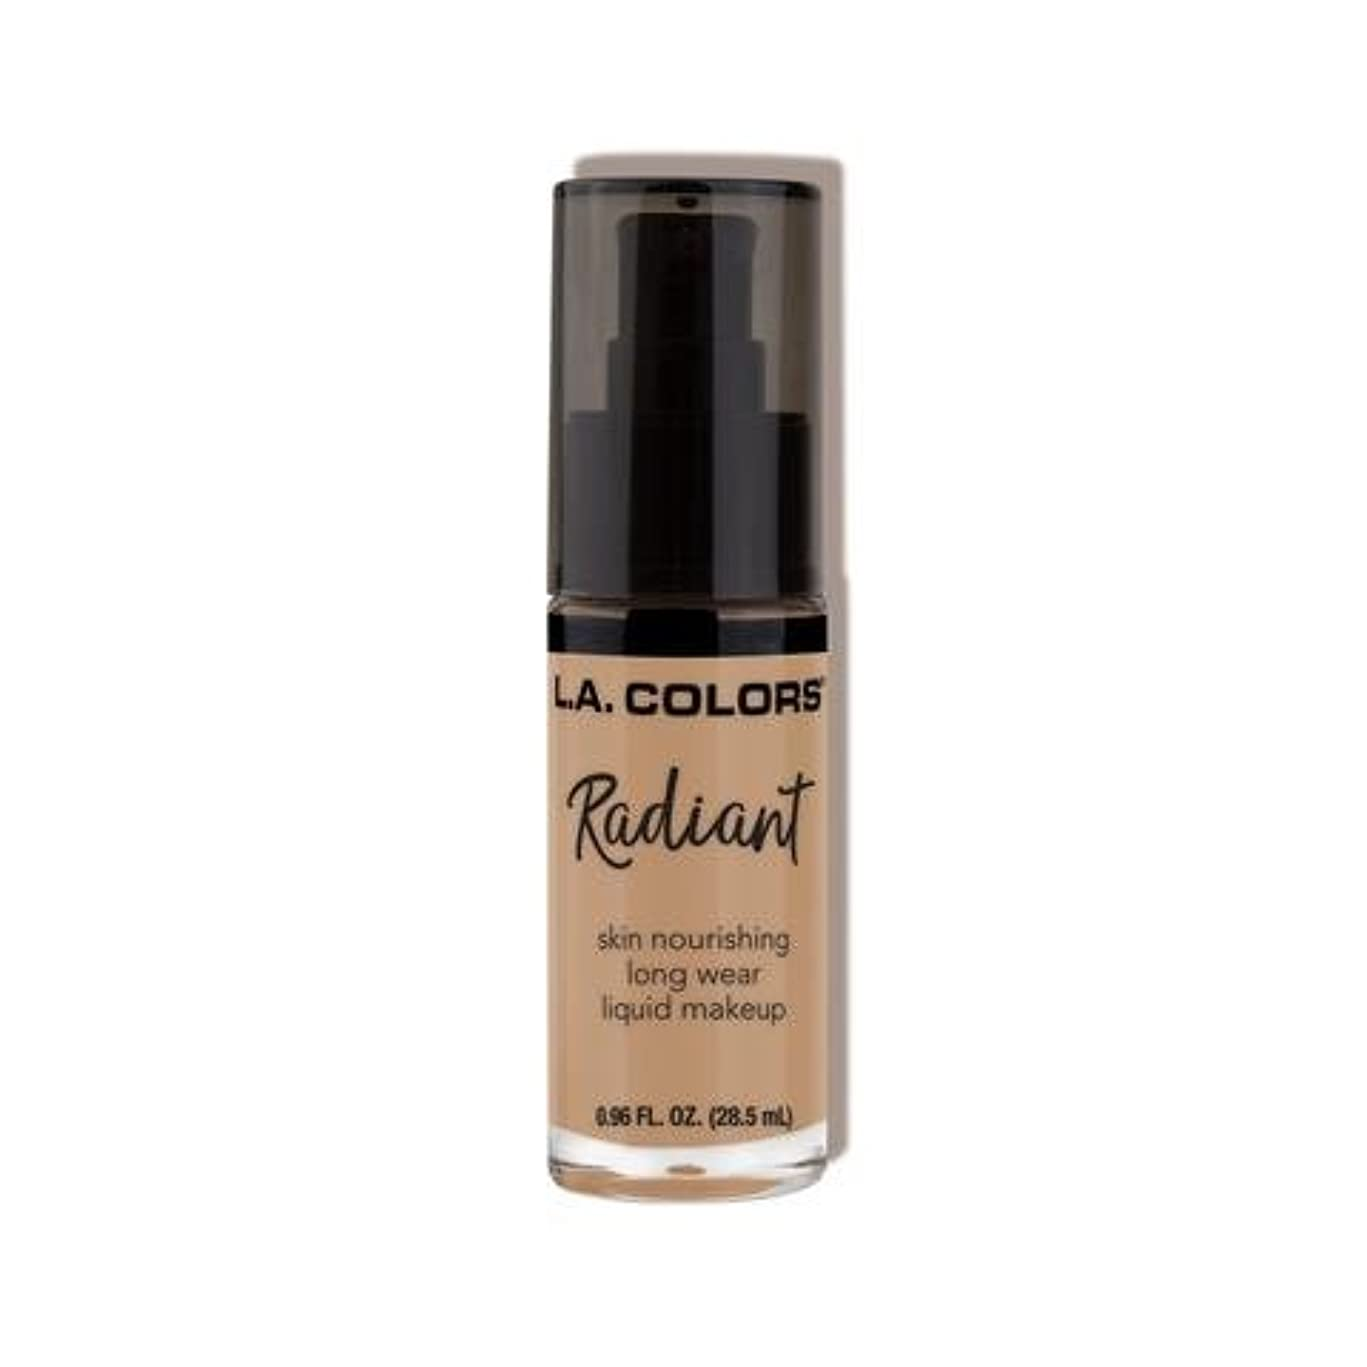 承認パス傾向があります(3 Pack) L.A. COLORS Radiant Liquid Makeup - Medium Beige (並行輸入品)